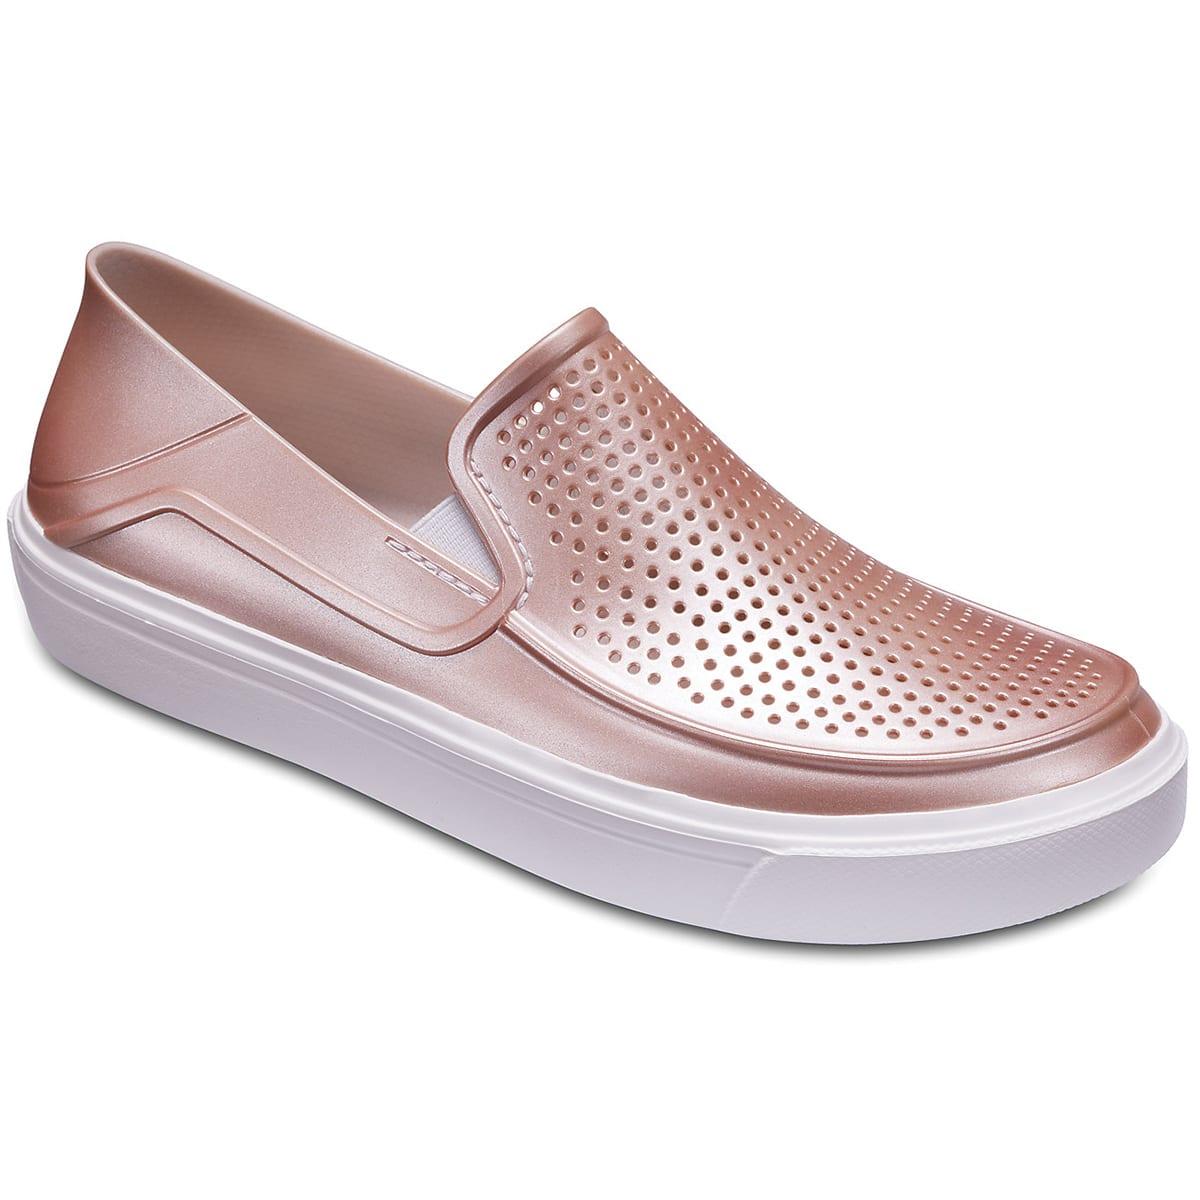 รองเท้าผู้หญิง รองเท้าหุ้มส้น รองเท้าหุ้มส้นผู้หญิง รองเท้าหุ้มส้นผู้หญิงใส่สบาย